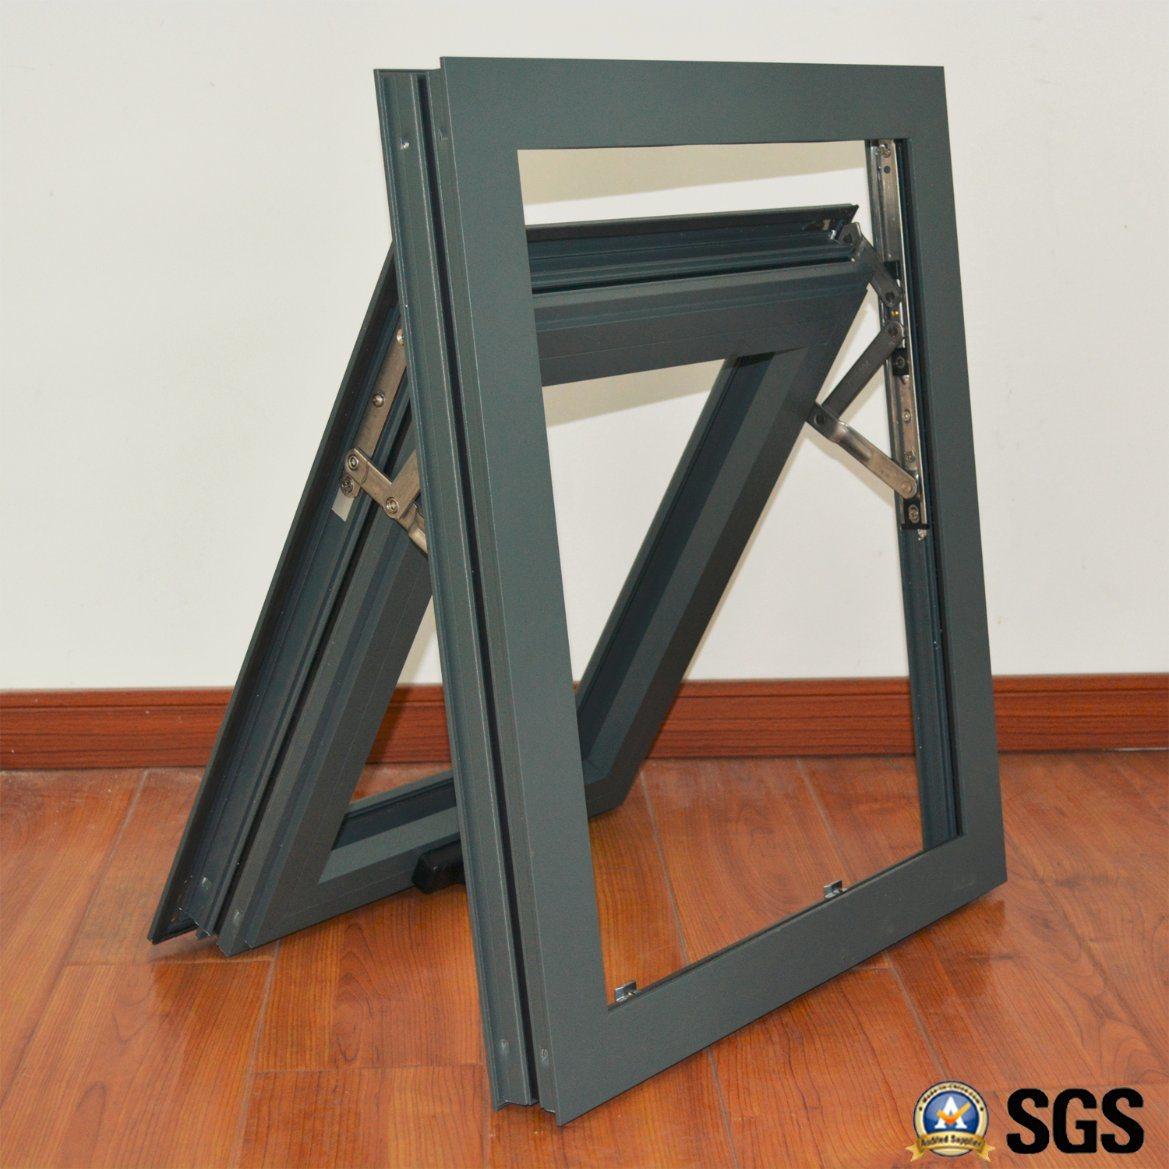 High Quality Andoized Aluminum Profile Awning Window, Aluminium Window, Aluminum Window, Window K05004